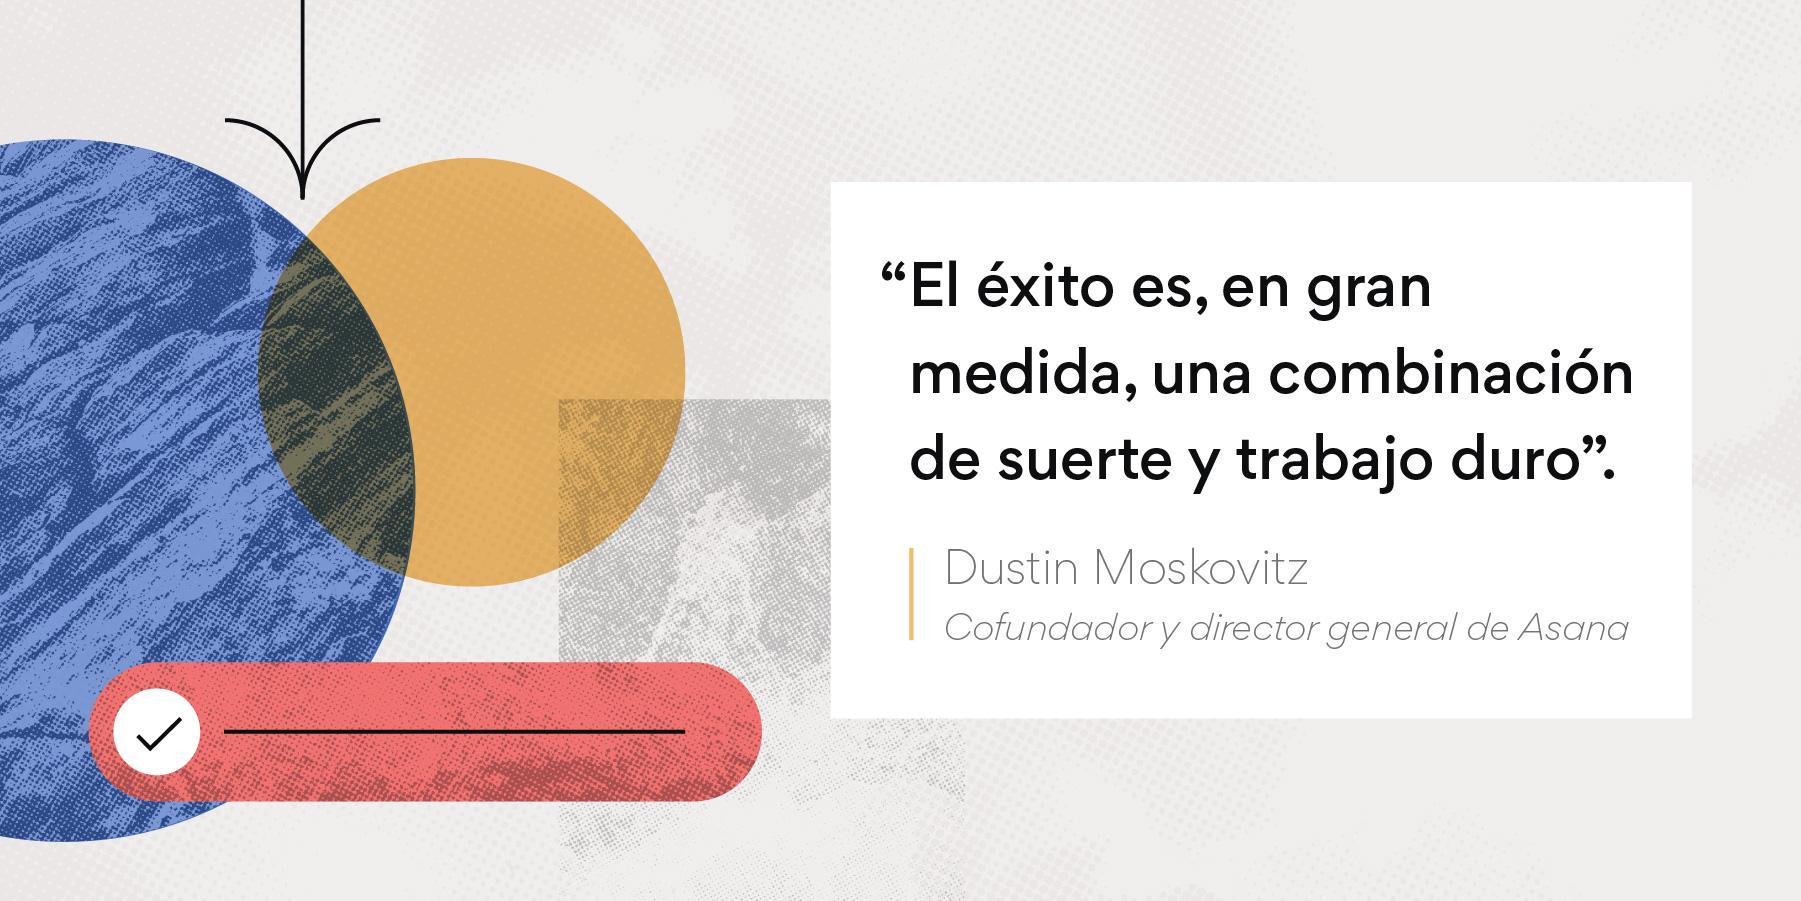 Imagen de cita motivadora de Dustin Moskovitz para los equipos